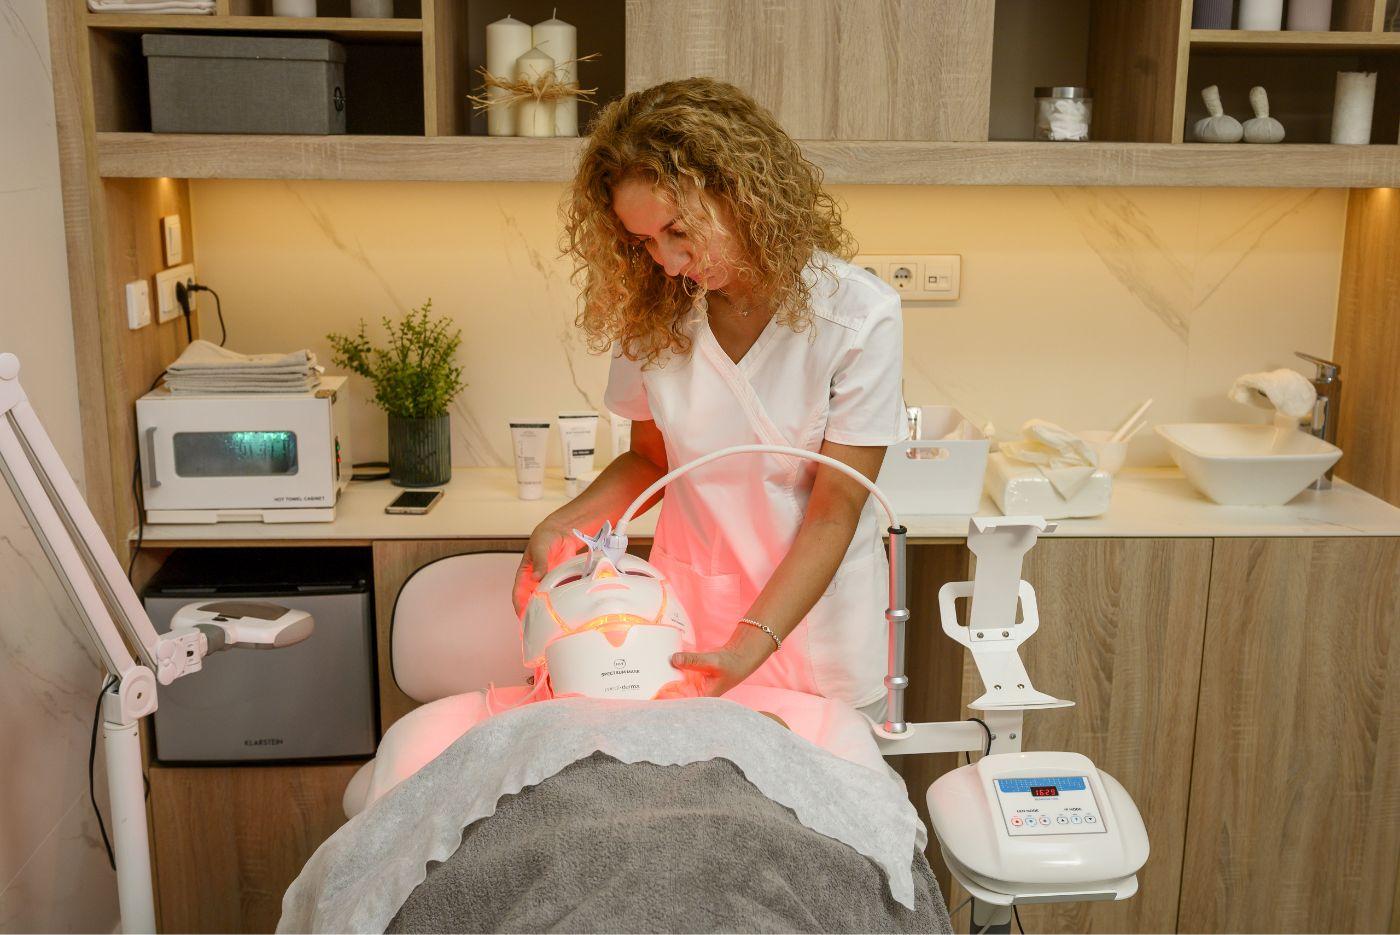 aplicación de fototerapia led con luz roja